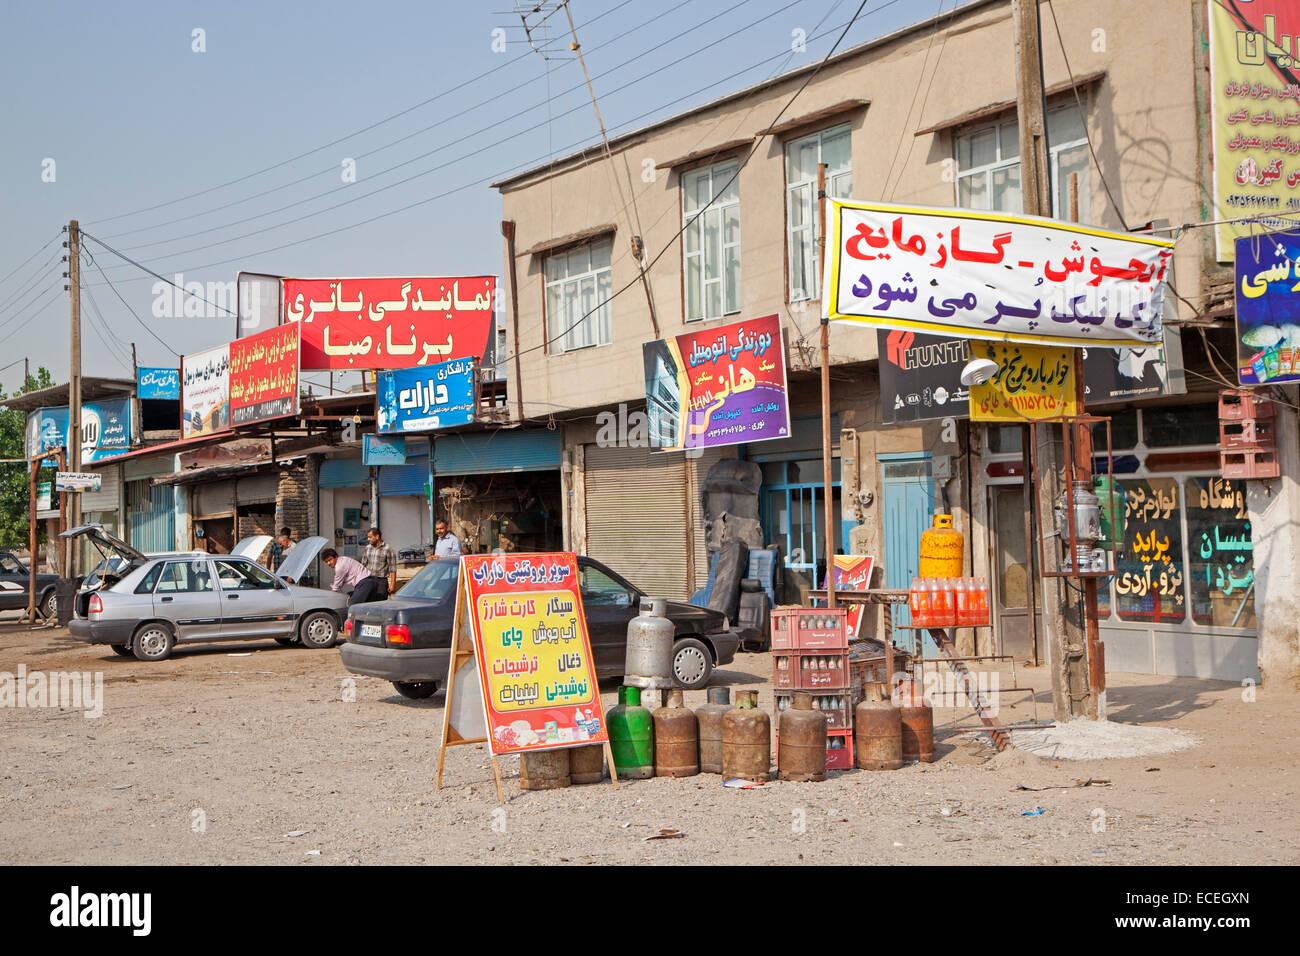 Iraner, die Arbeiten am Auto in primitiven Garage, Autowerkstatt und Lebensmittelgeschäft im Dorf im Iran Stockbild